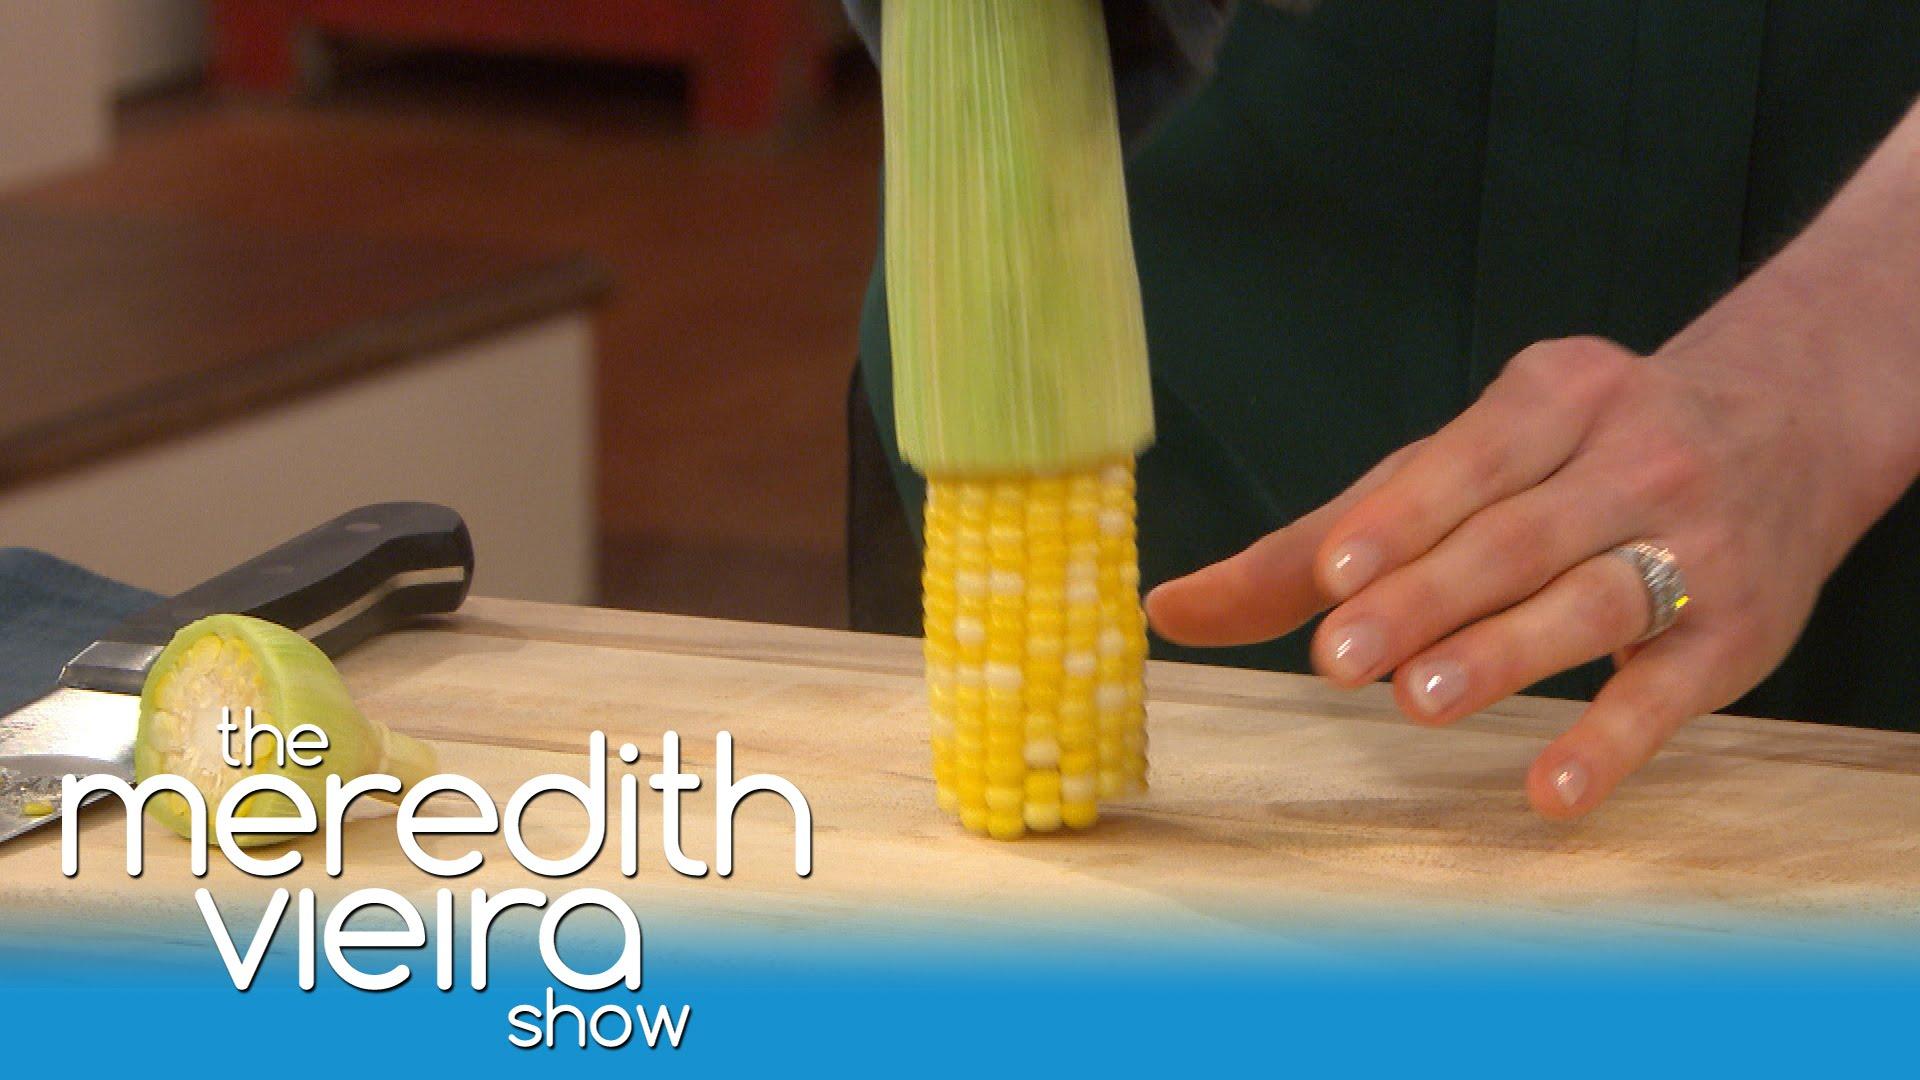 「三秒光溜溜!你一定沒想過玉米可以這樣剝」- The Easiest Way to Shuck Corn!